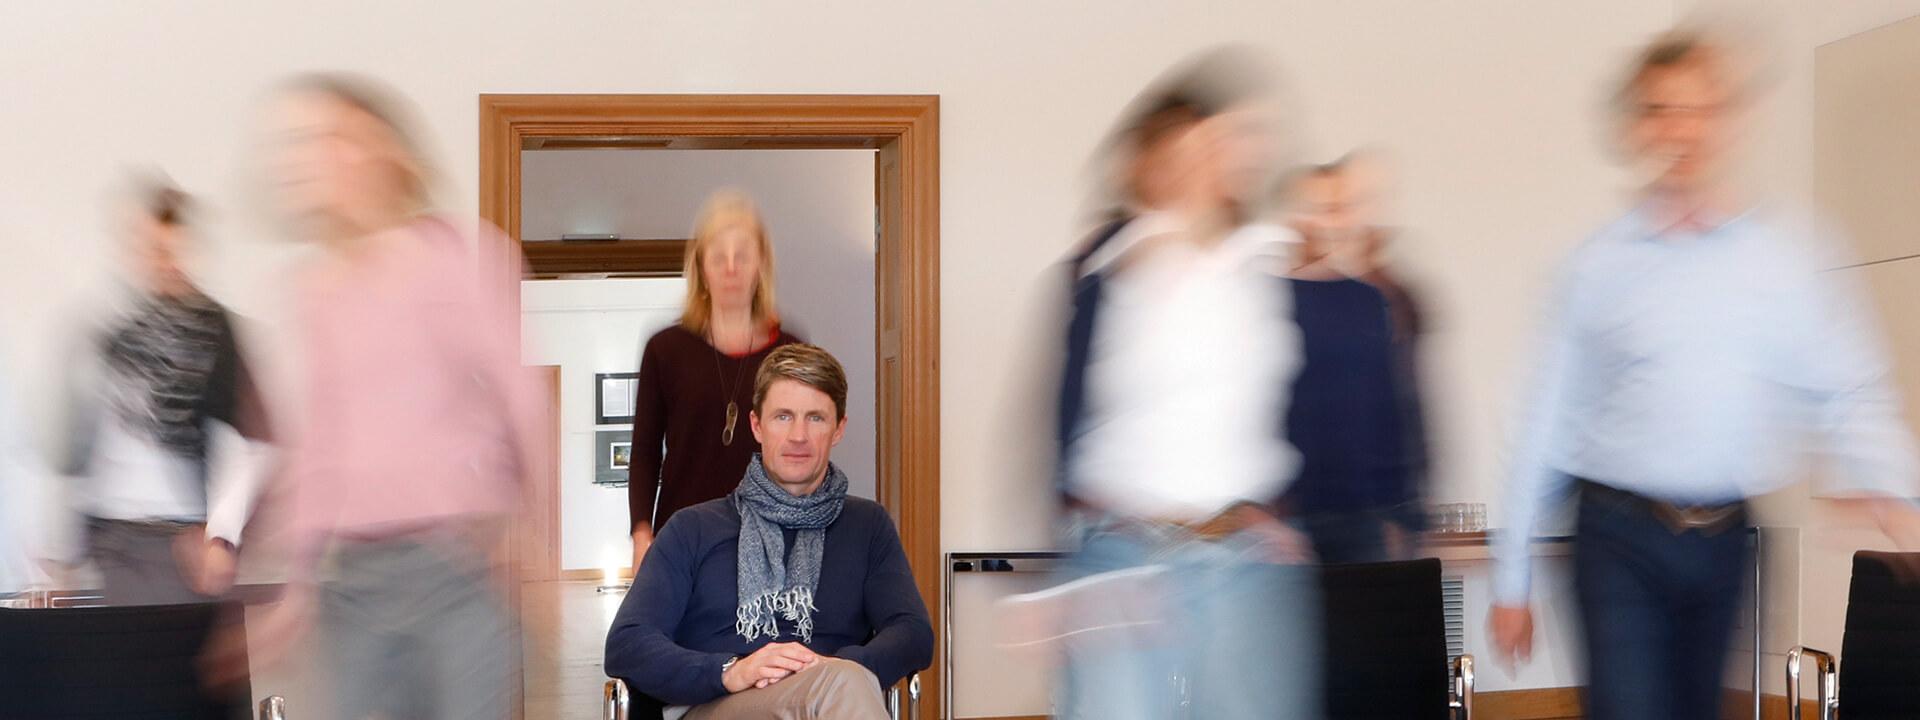 Bild: Trainings: Spezialisten für Persönlichkeitsentwicklung, Emotionale Intelligenz, Achtsamkeit